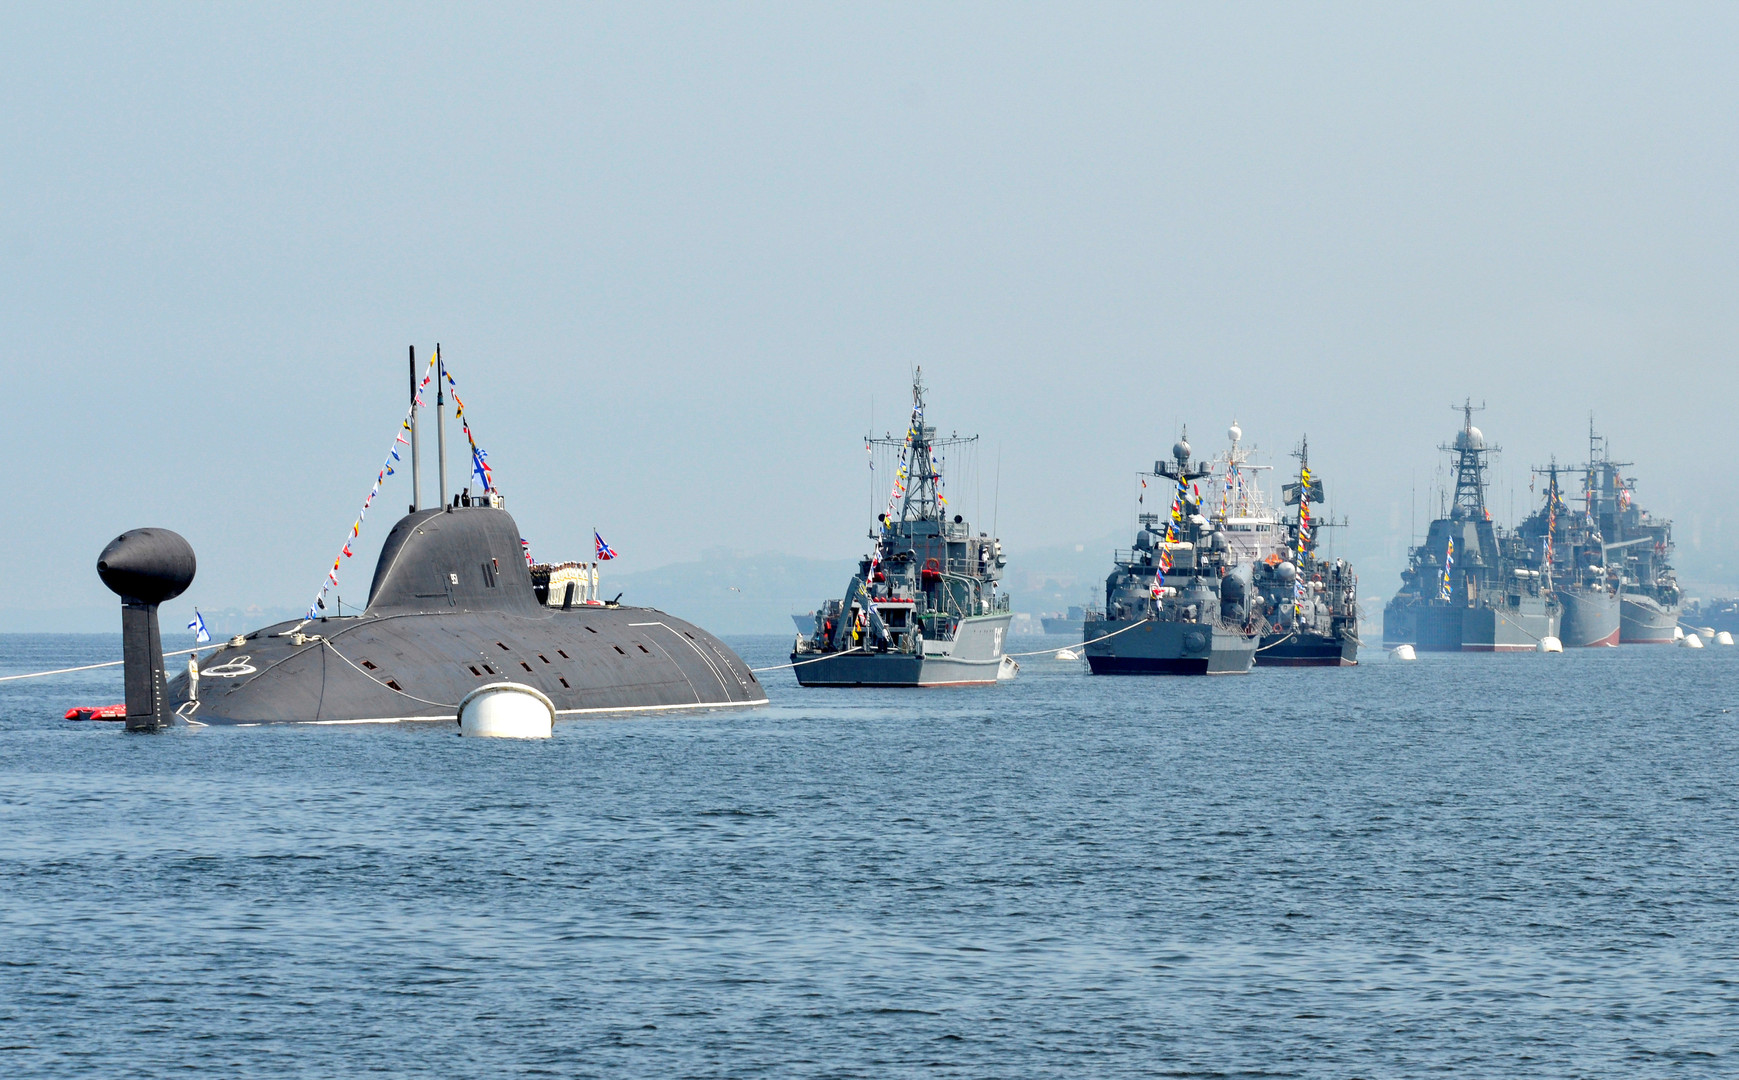 Российские военные корабли выстроились для репетиции парада ко Дню ВМФ во Владивостоке.